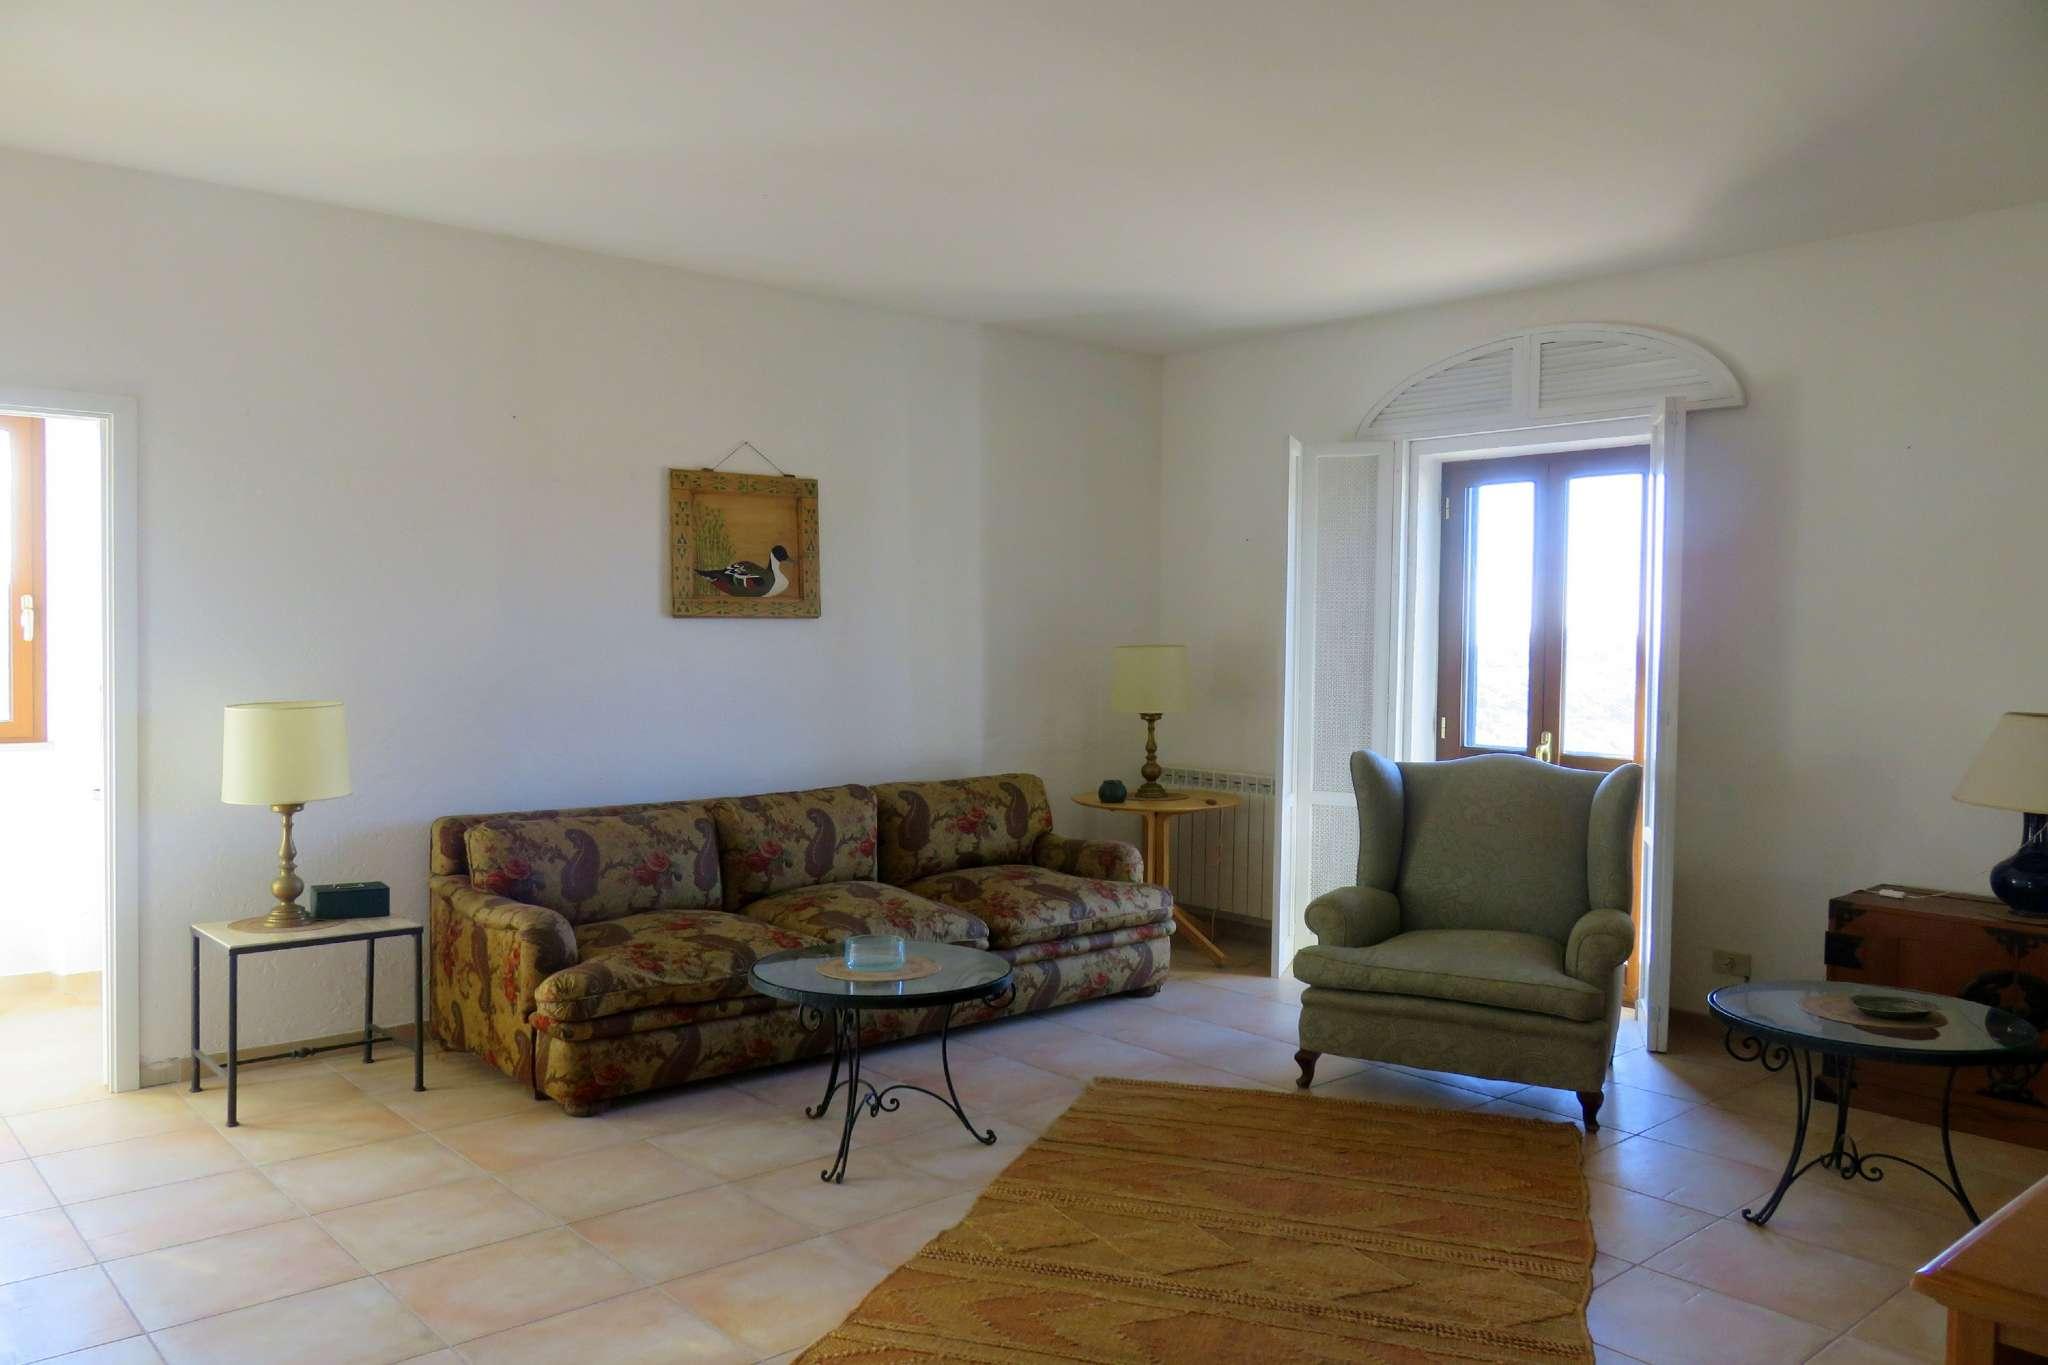 Soluzione Indipendente in vendita a Torri in Sabina, 5 locali, prezzo € 110.000 | CambioCasa.it